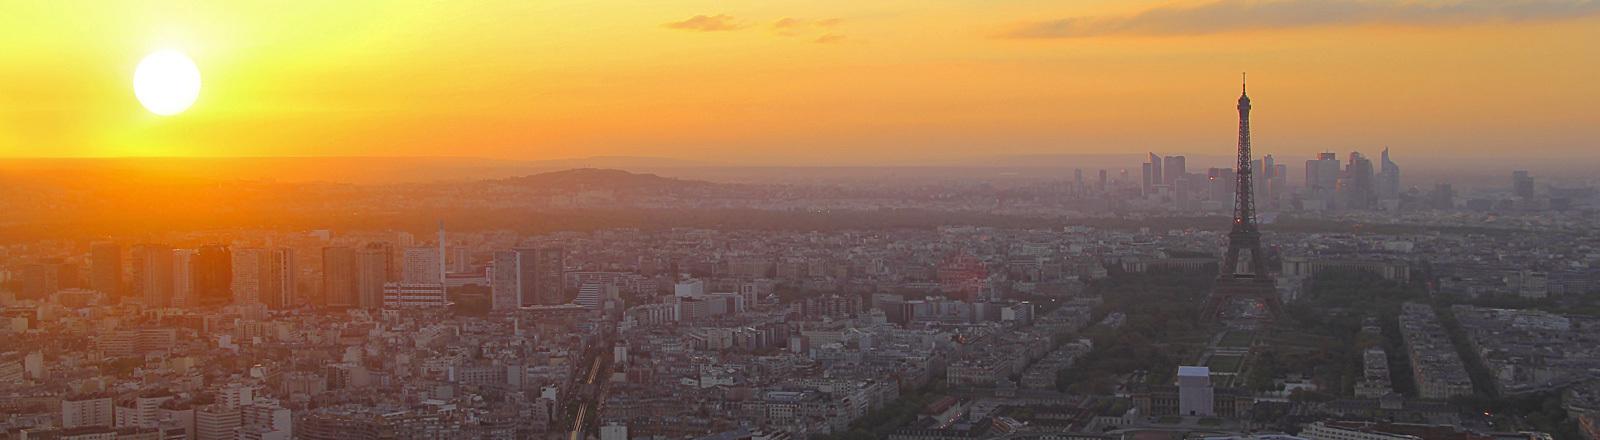 Blick auf Paris mit Eiffelturm und Sonnenuntergang.